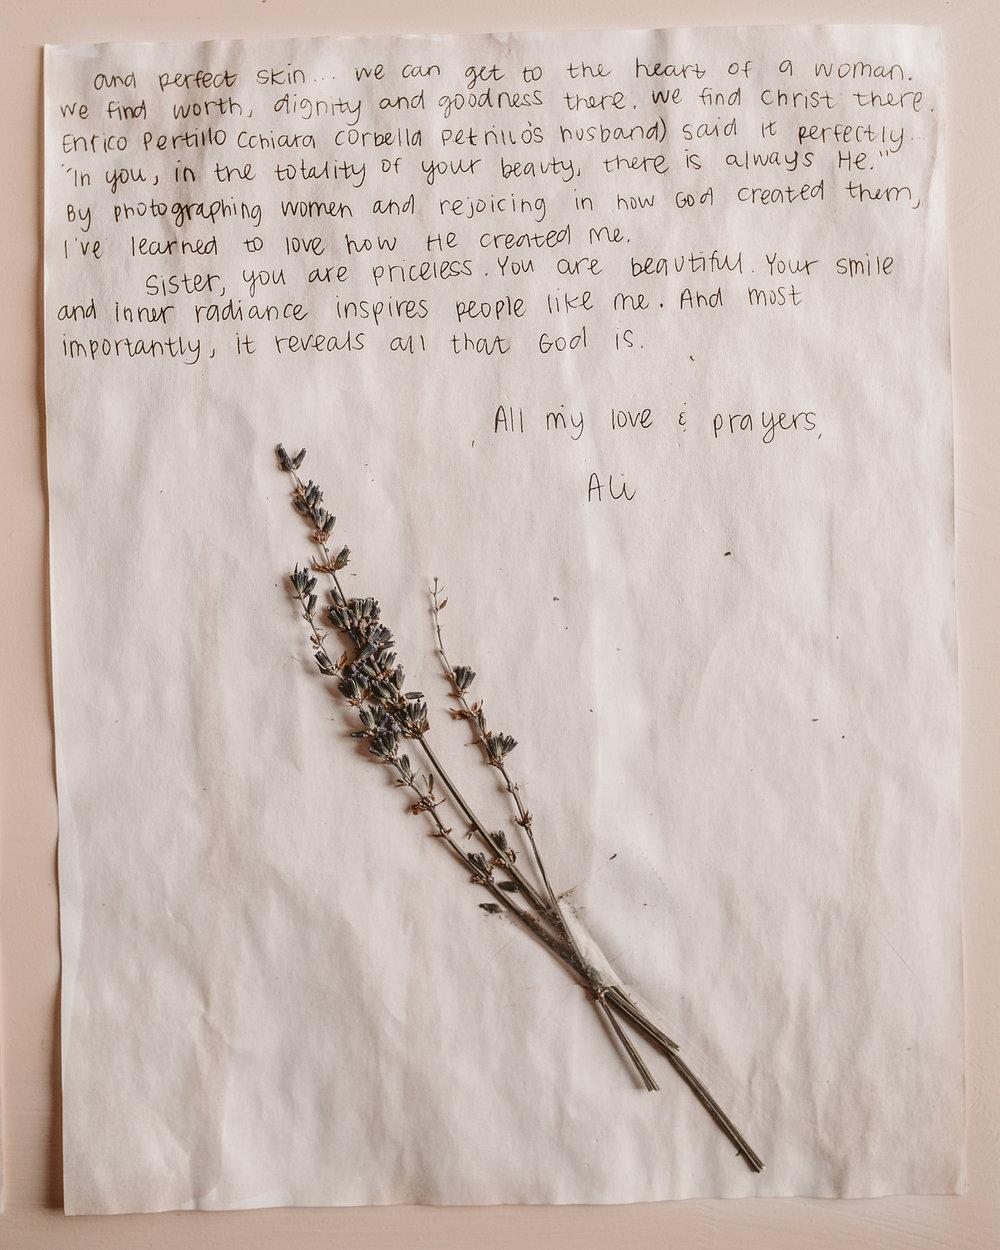 Ali Brassel Letter to Women 2